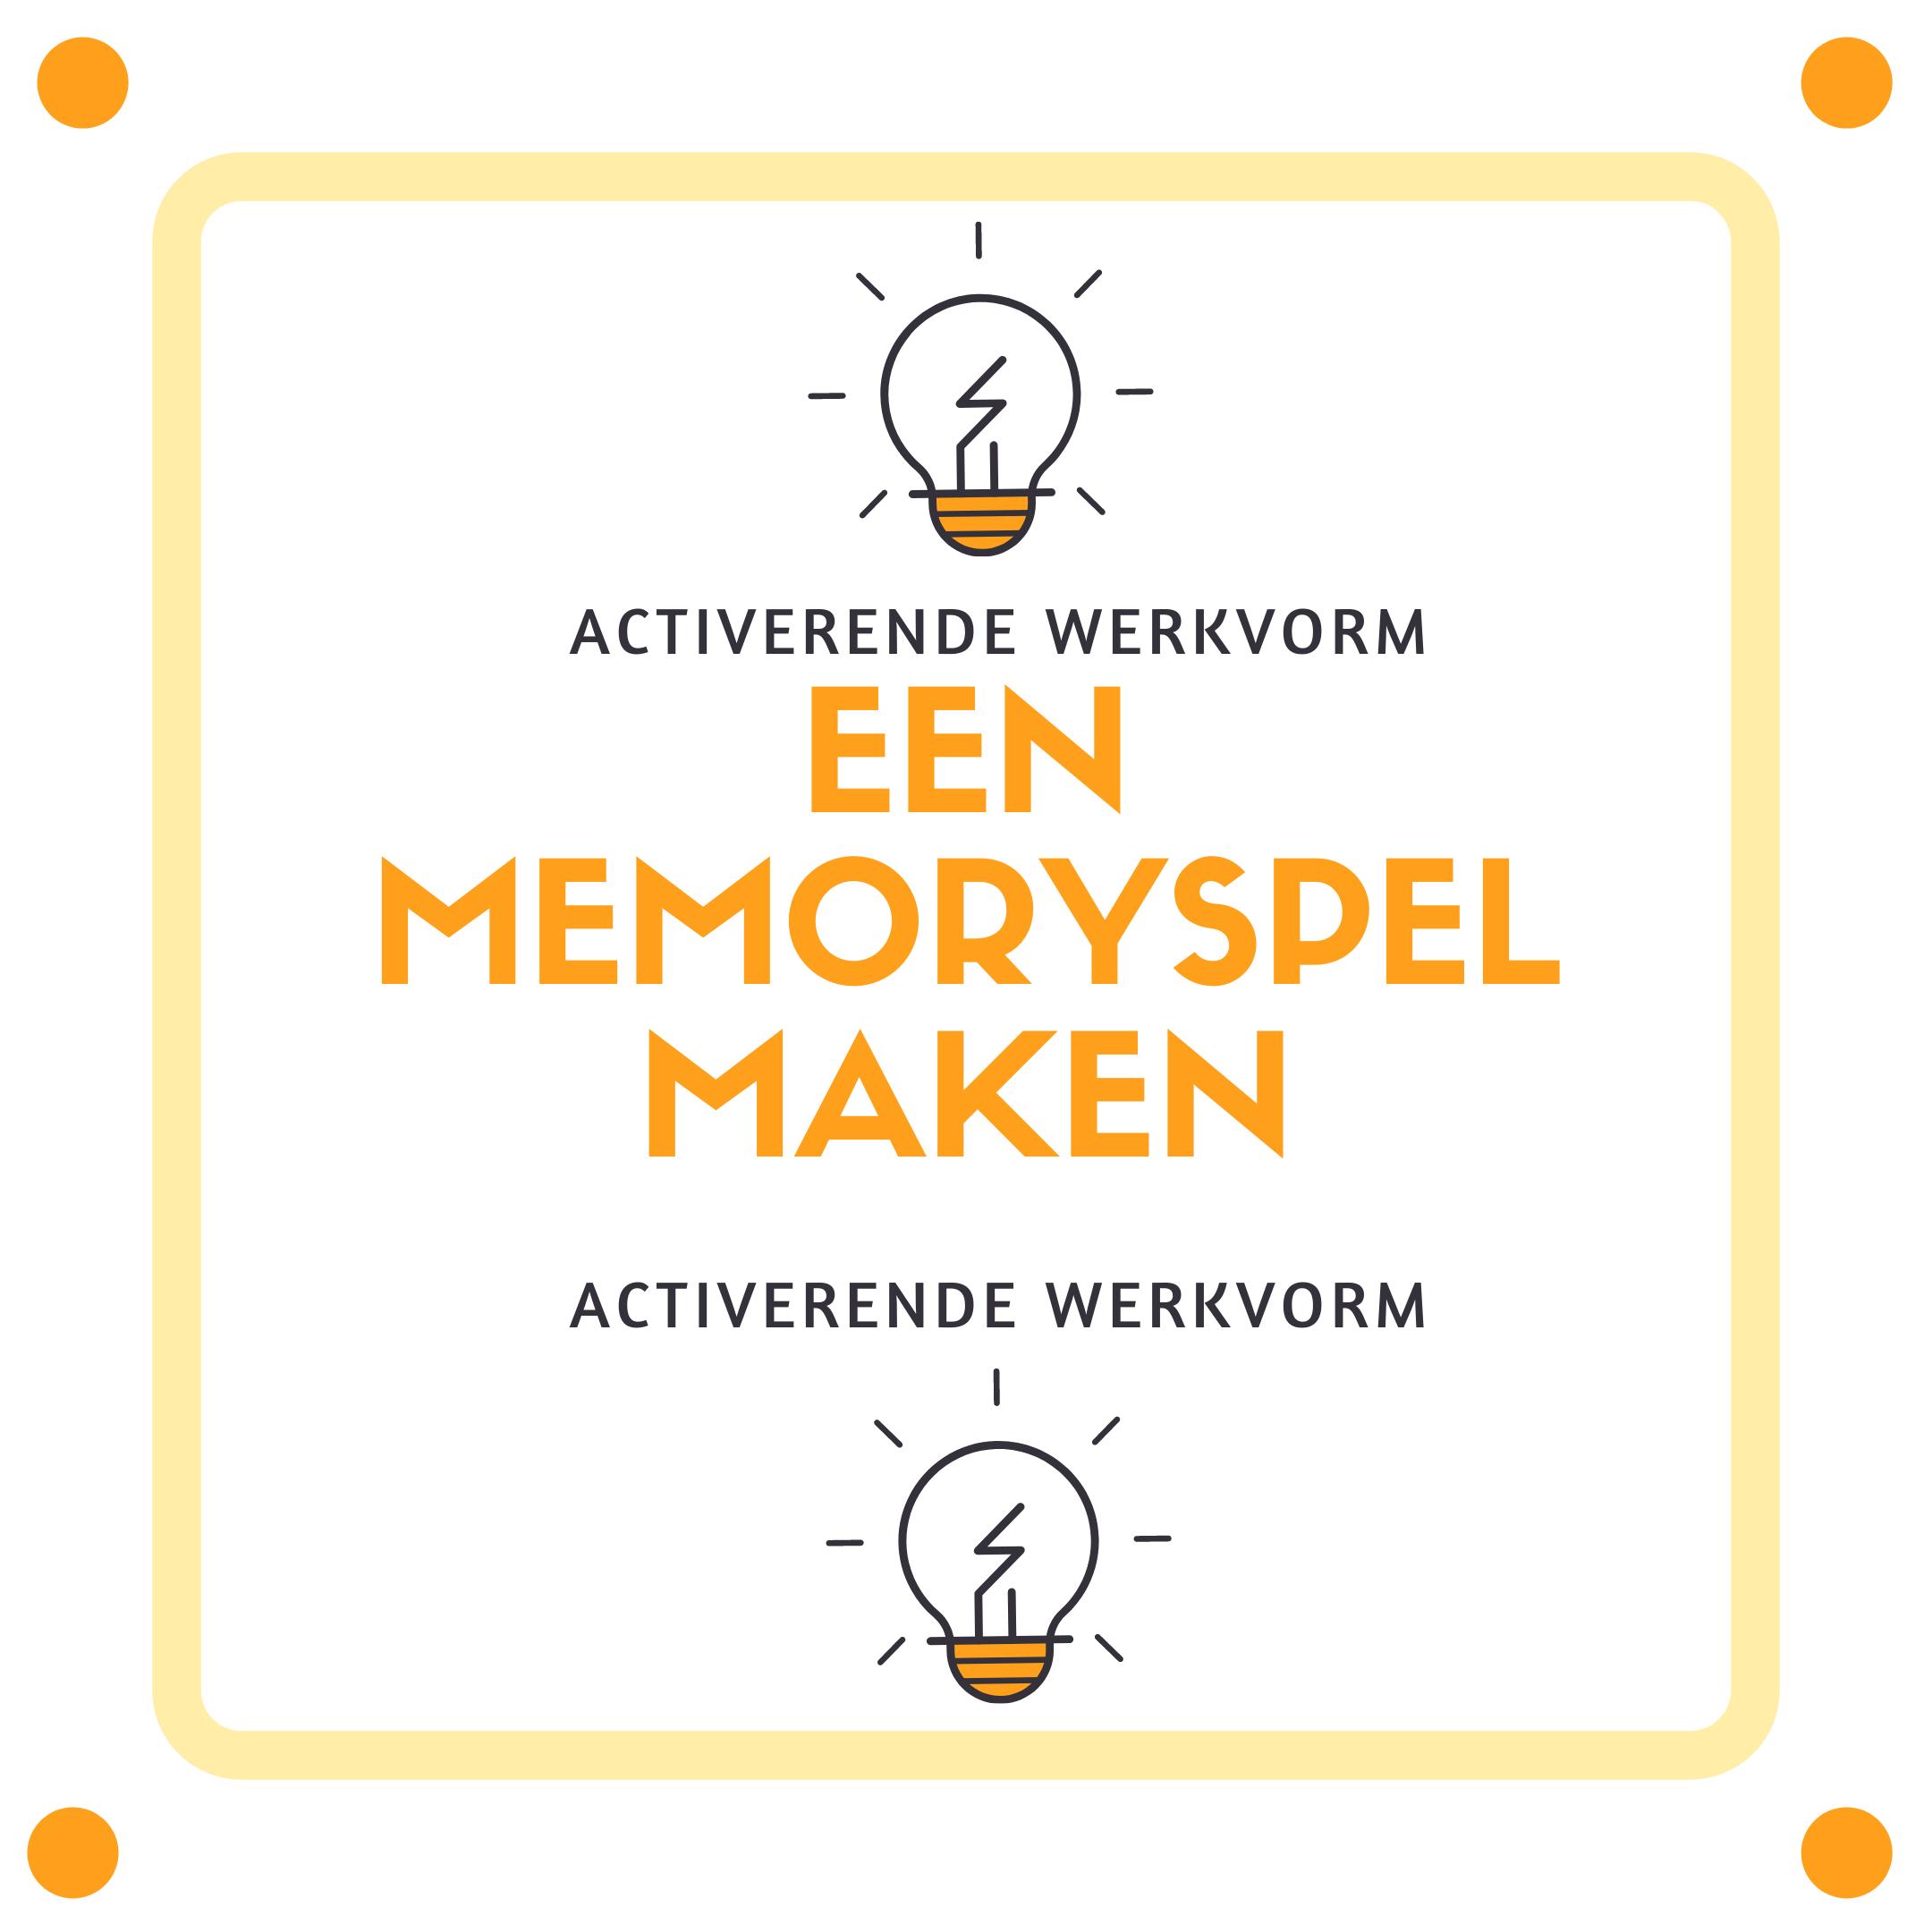 Activerende werkvorm: een memoryspel maken